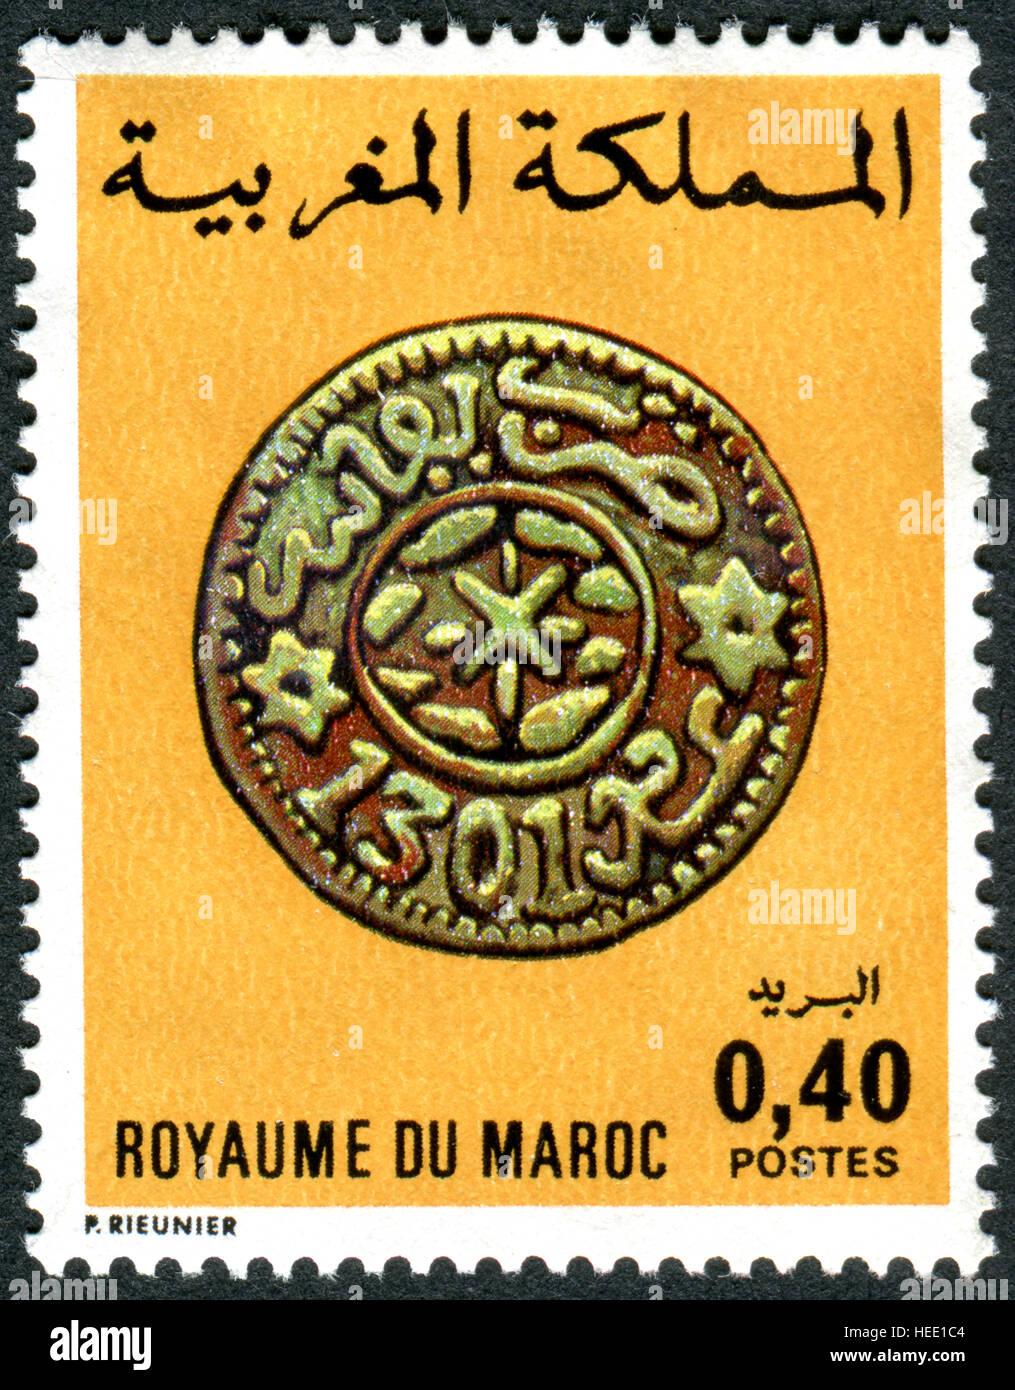 Marokko Ca 1979 Eine Briefmarke Gedruckt In Marokko Zeigt Eine